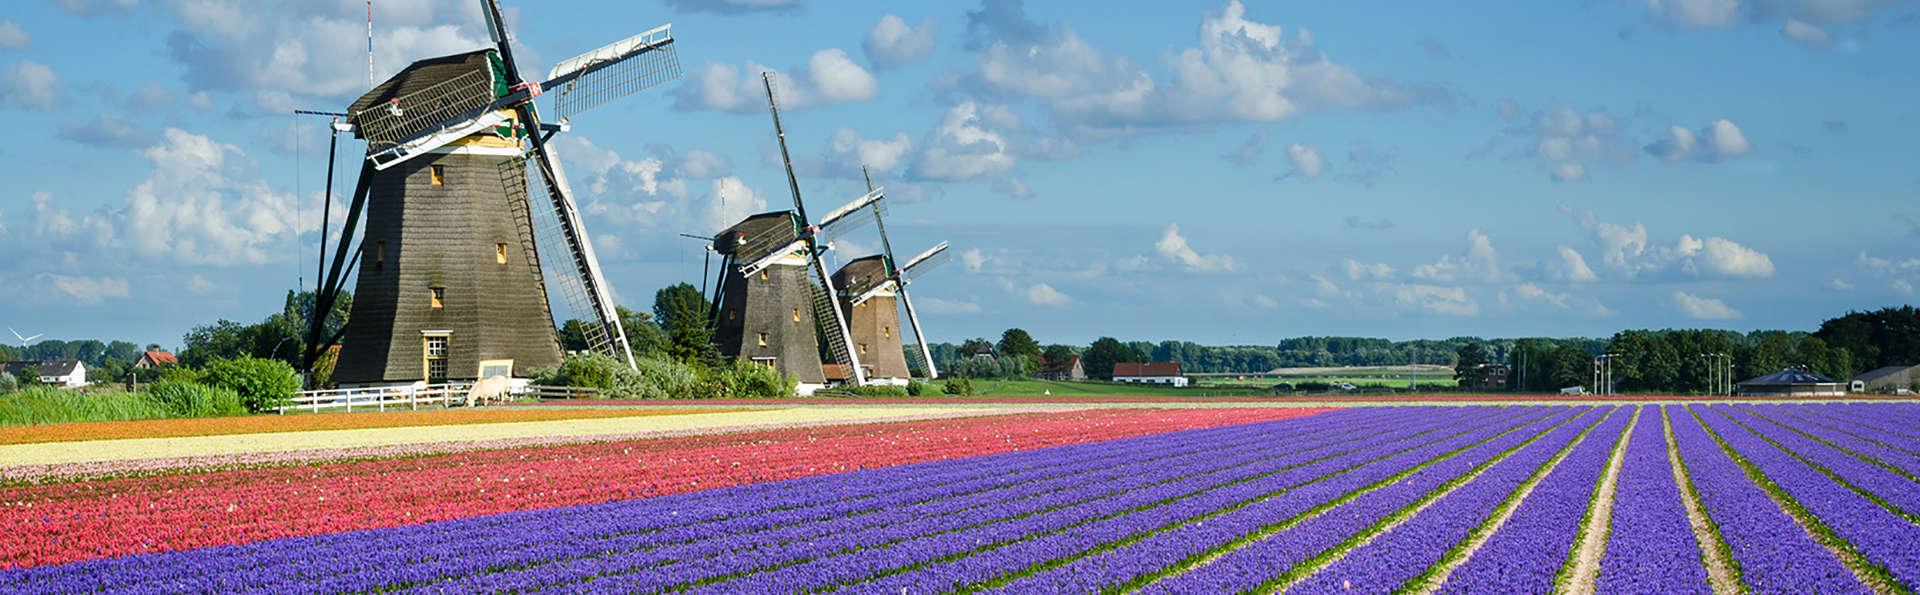 Descubre Leiden y visita el famoso Keukenhof